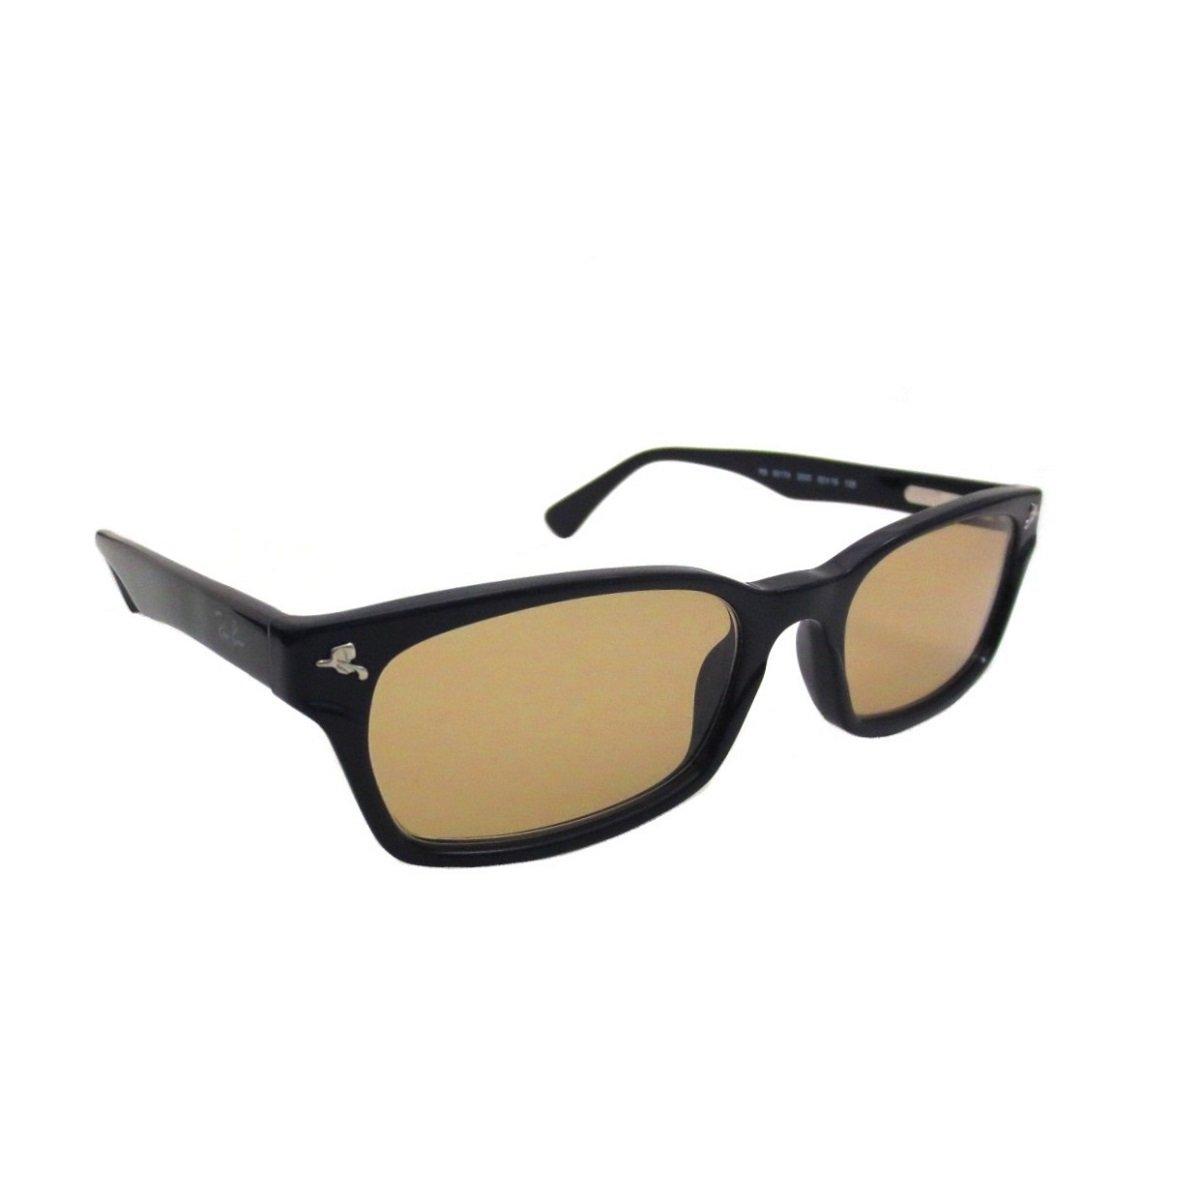 レイバン オリジナルカラー サングラス Ray-Ban RX5017A-2000(52)アジアンフィット セルフレーム UVカット  メンズ レディース 男女兼用 B07BF9TB61 ブラウン50 ブラウン50 -